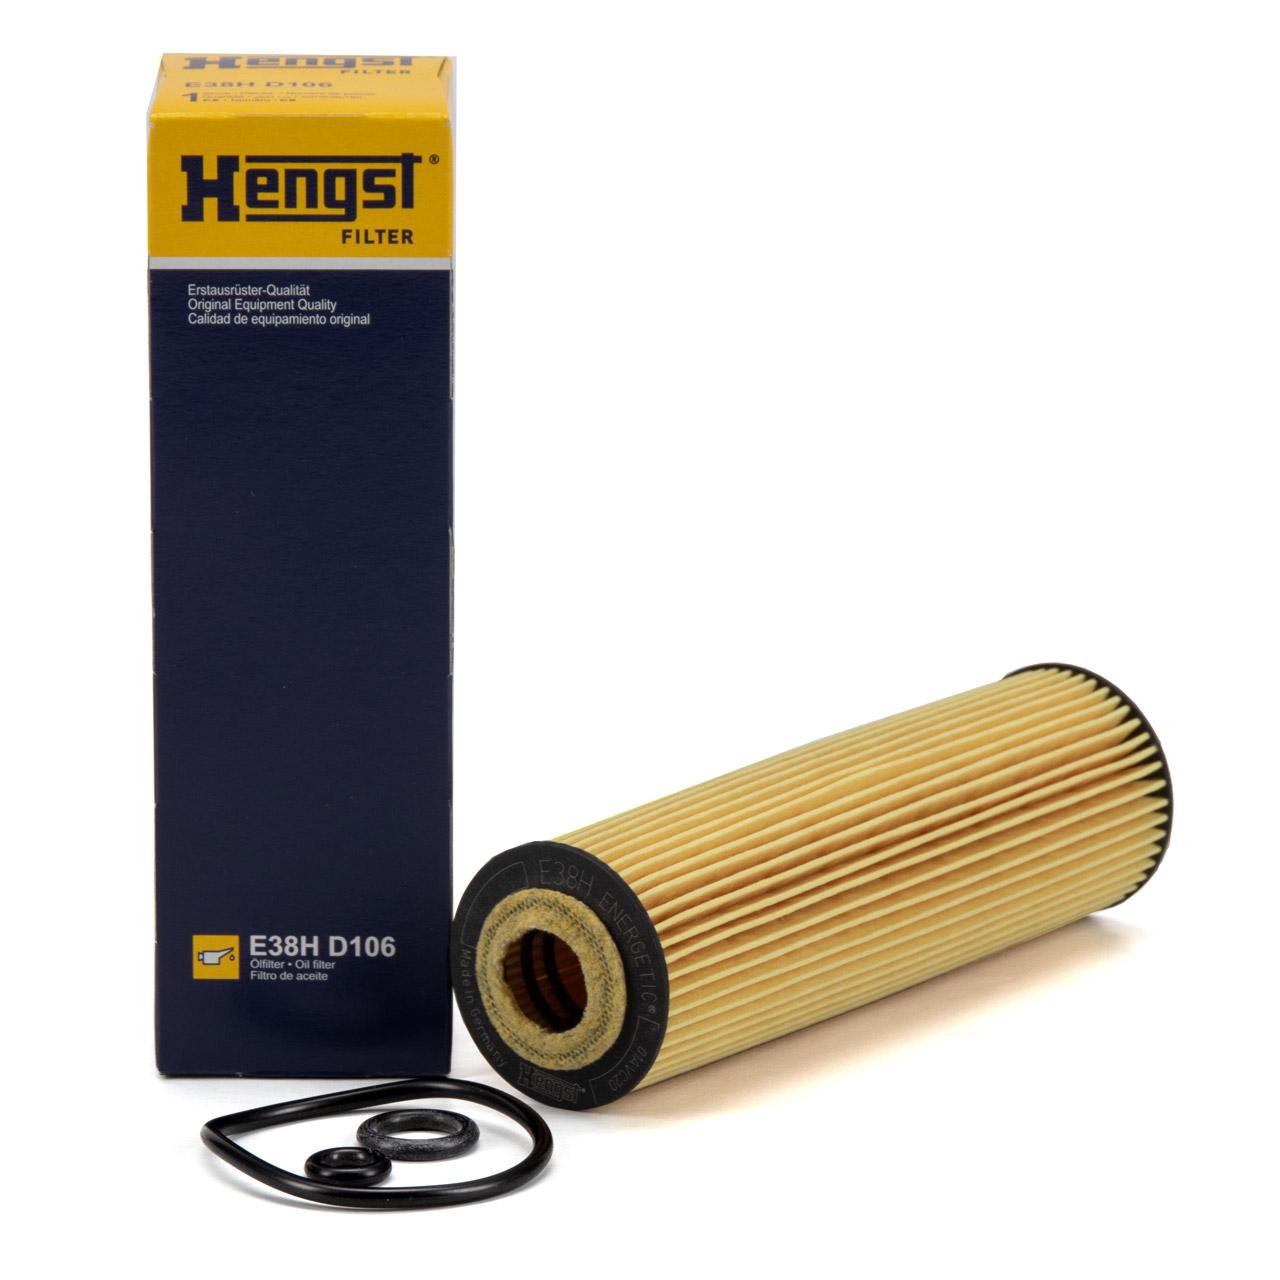 HENGST E38HD106 Ölfilter MERCEDES W203 W204 C209 A209 W211 W212 R171 Sprinter